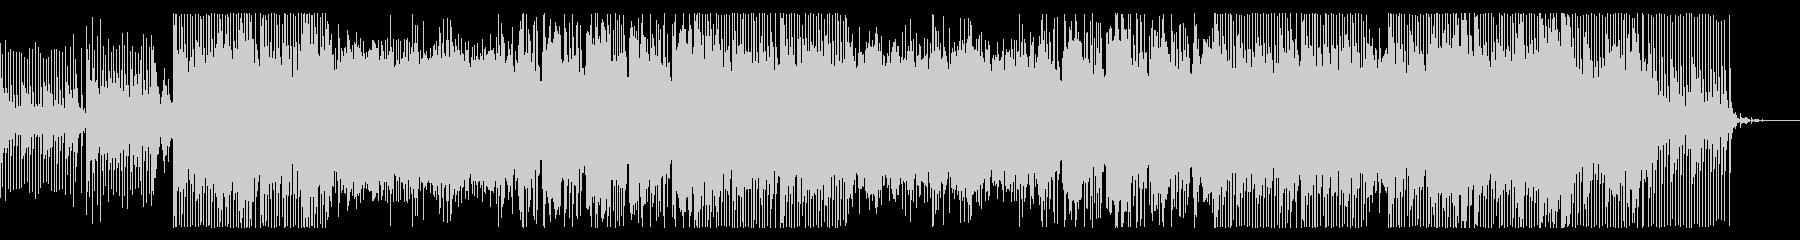 SHINOBIの未再生の波形